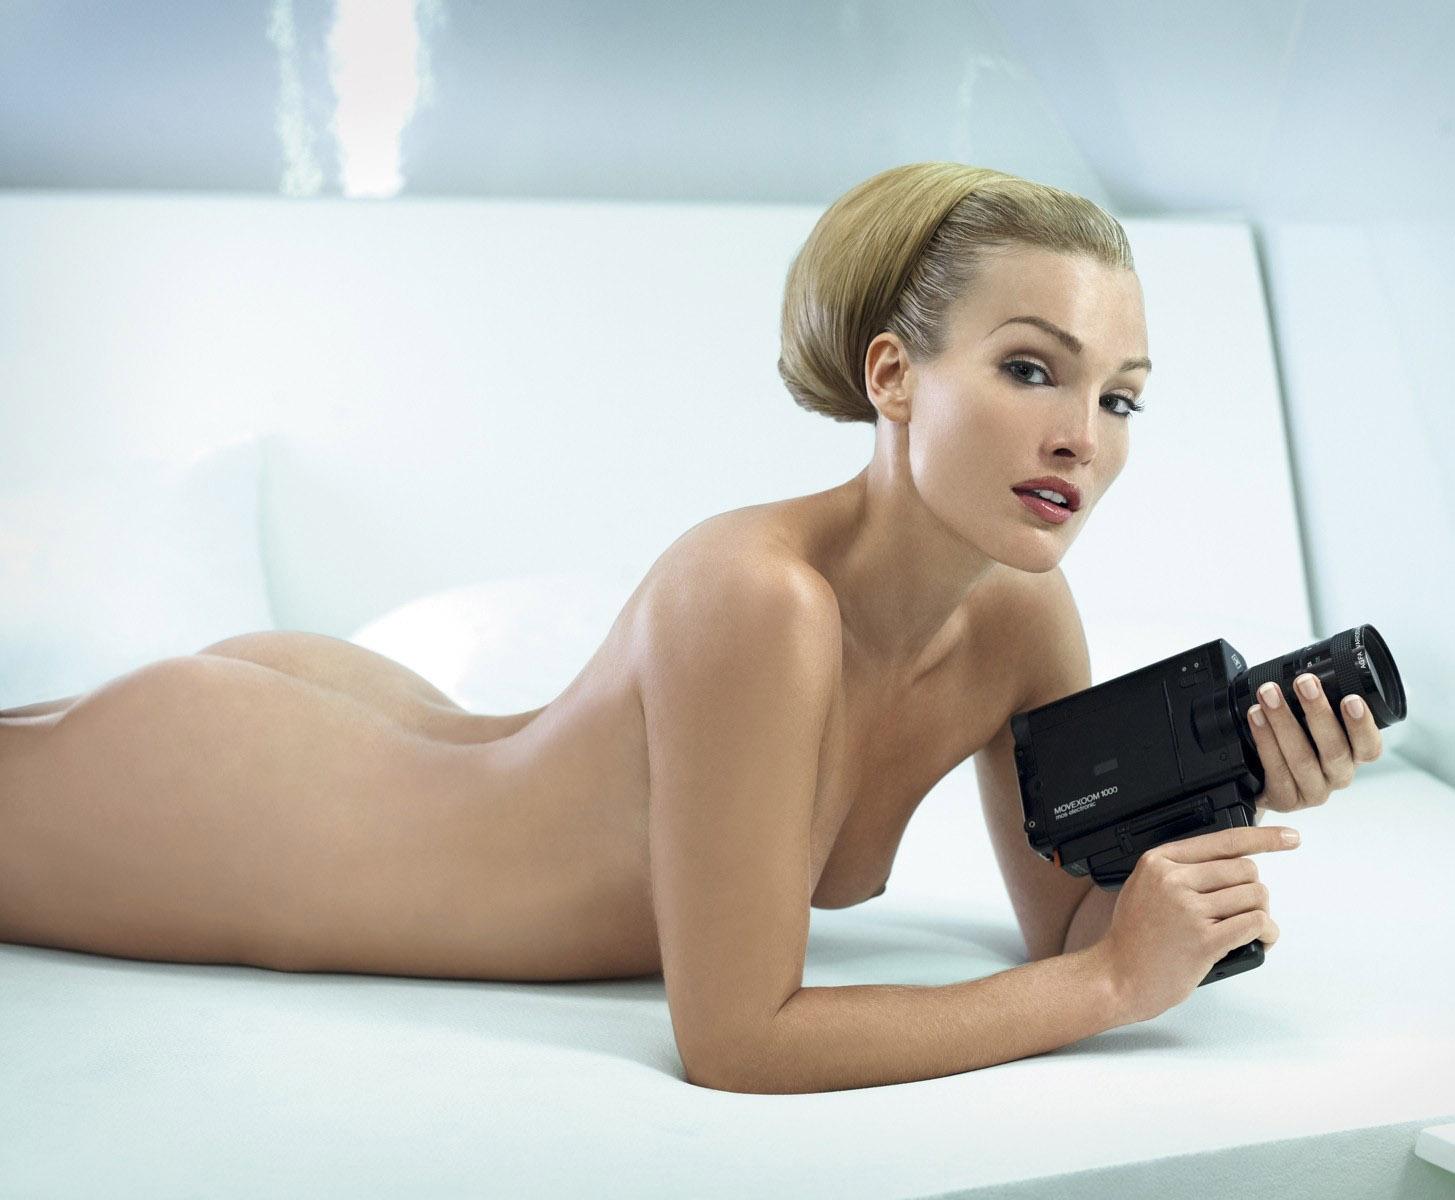 Roberta angelica nude topless